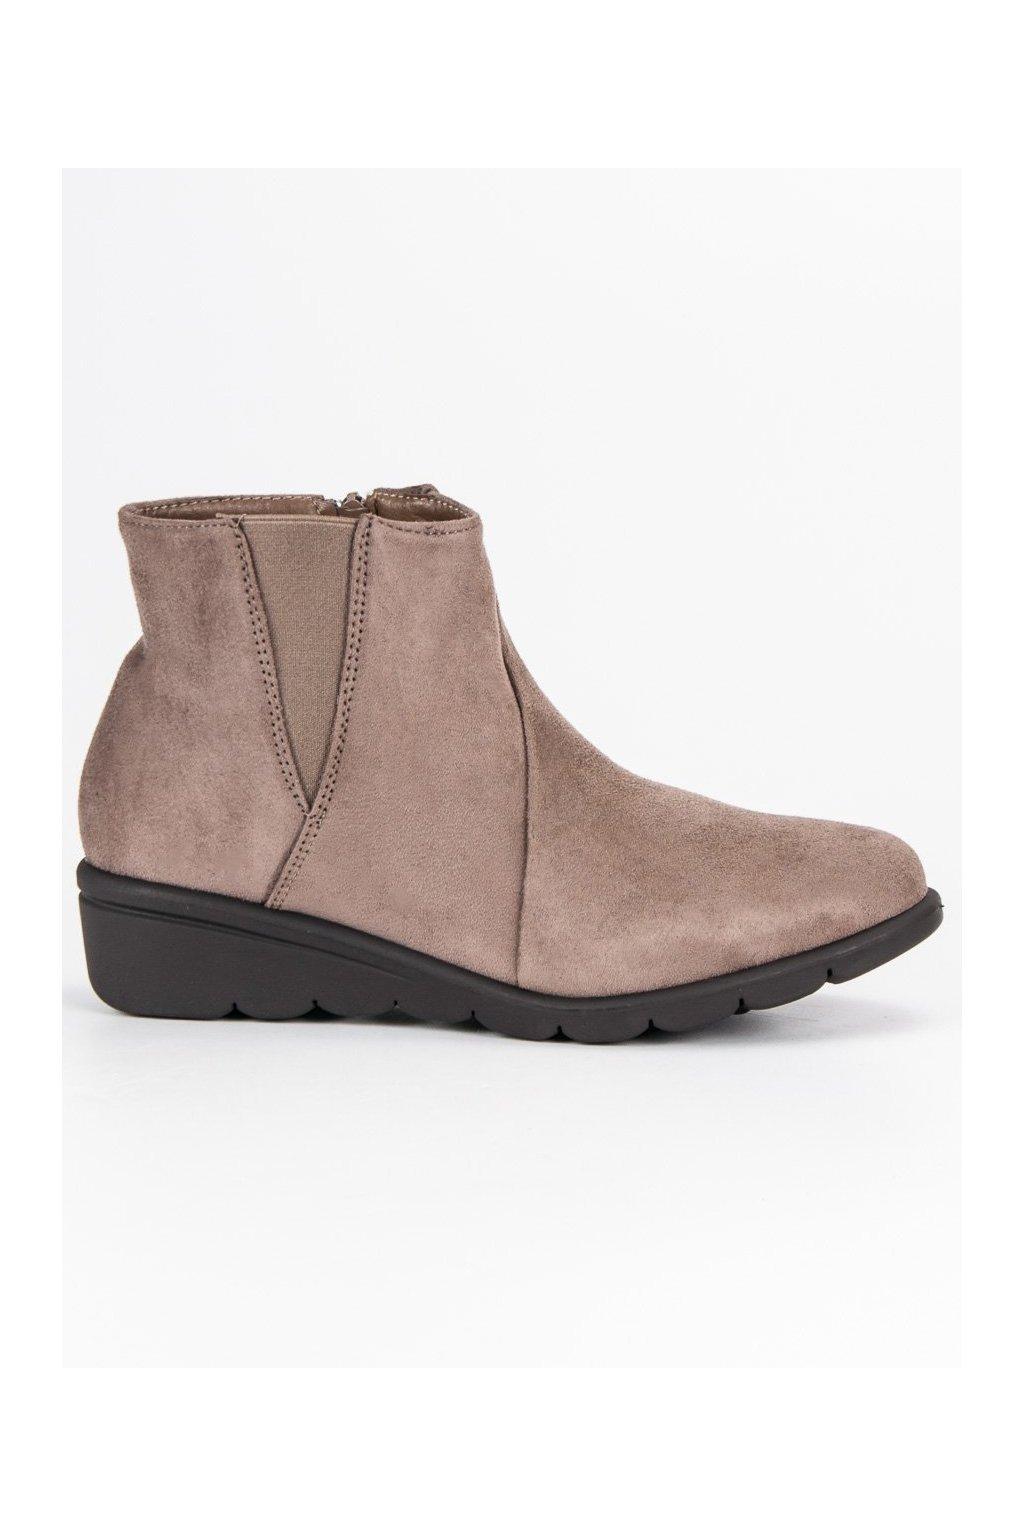 Dámske béžové topánky semišová členková obuv Kylie 19c8230fdca